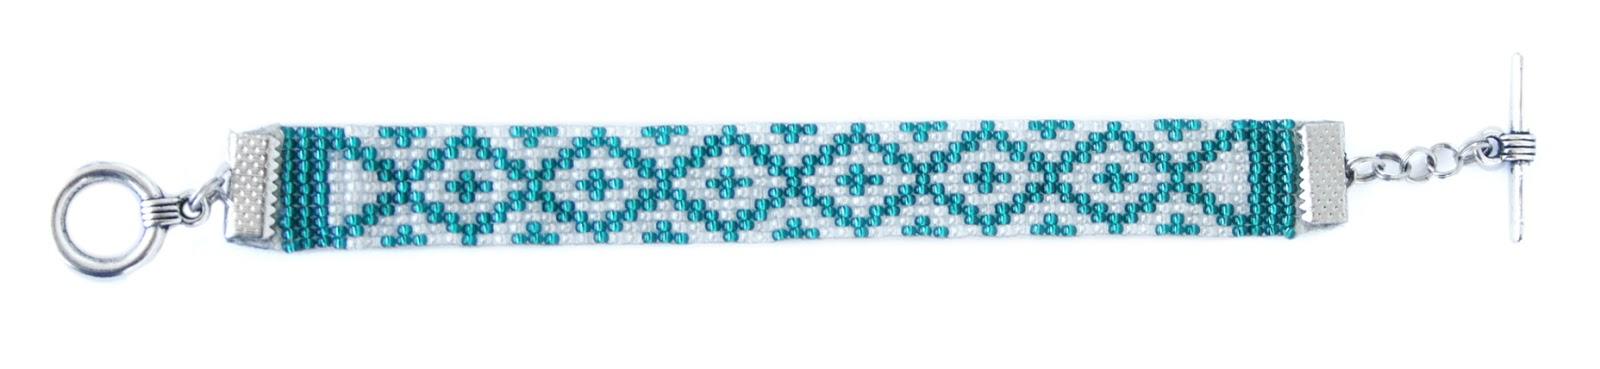 perlen weben und anleitung - Perlen Weben Muster